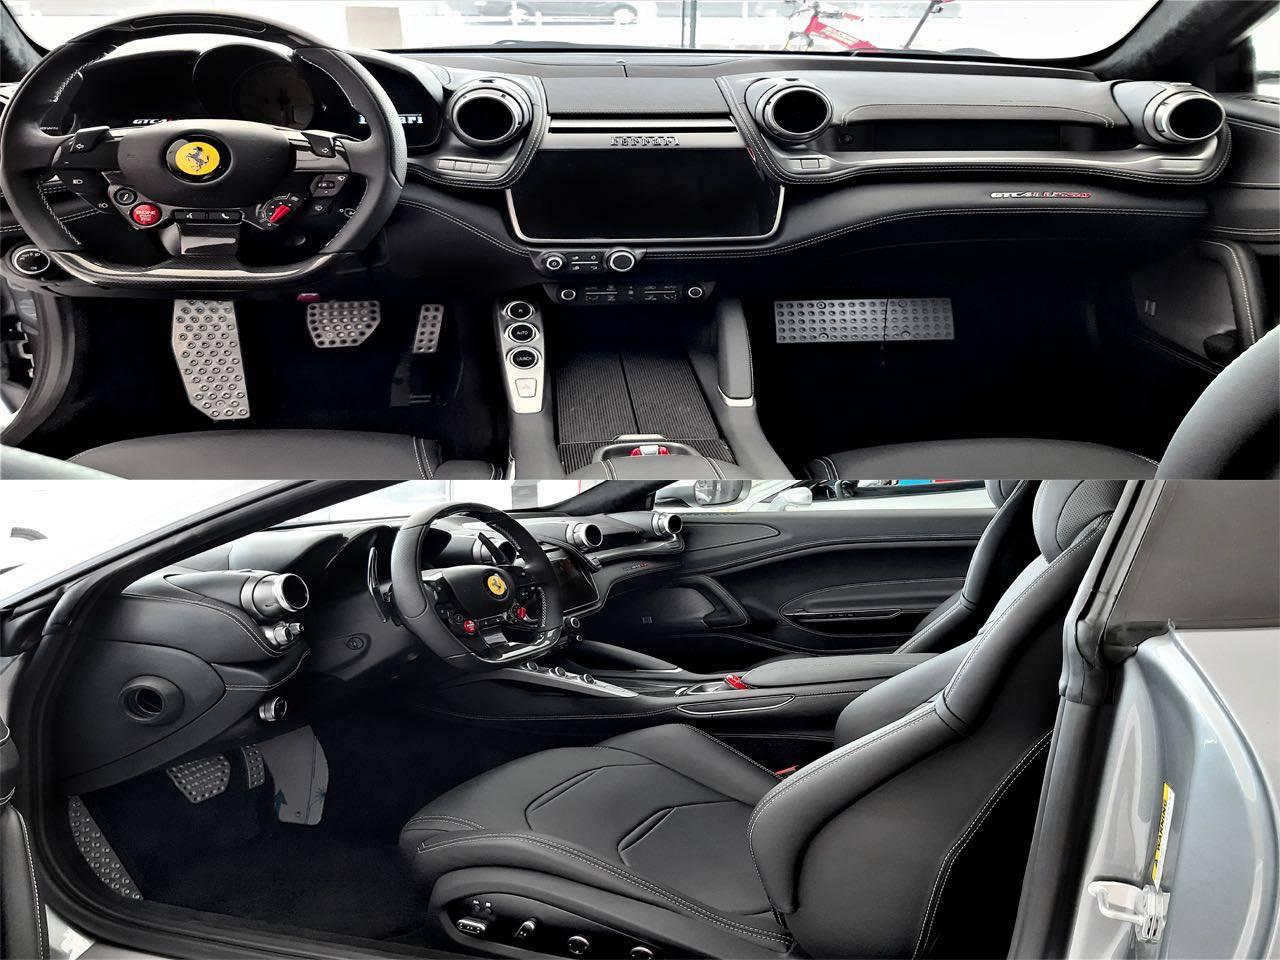 Ferrari-GTC4-Lusso-7